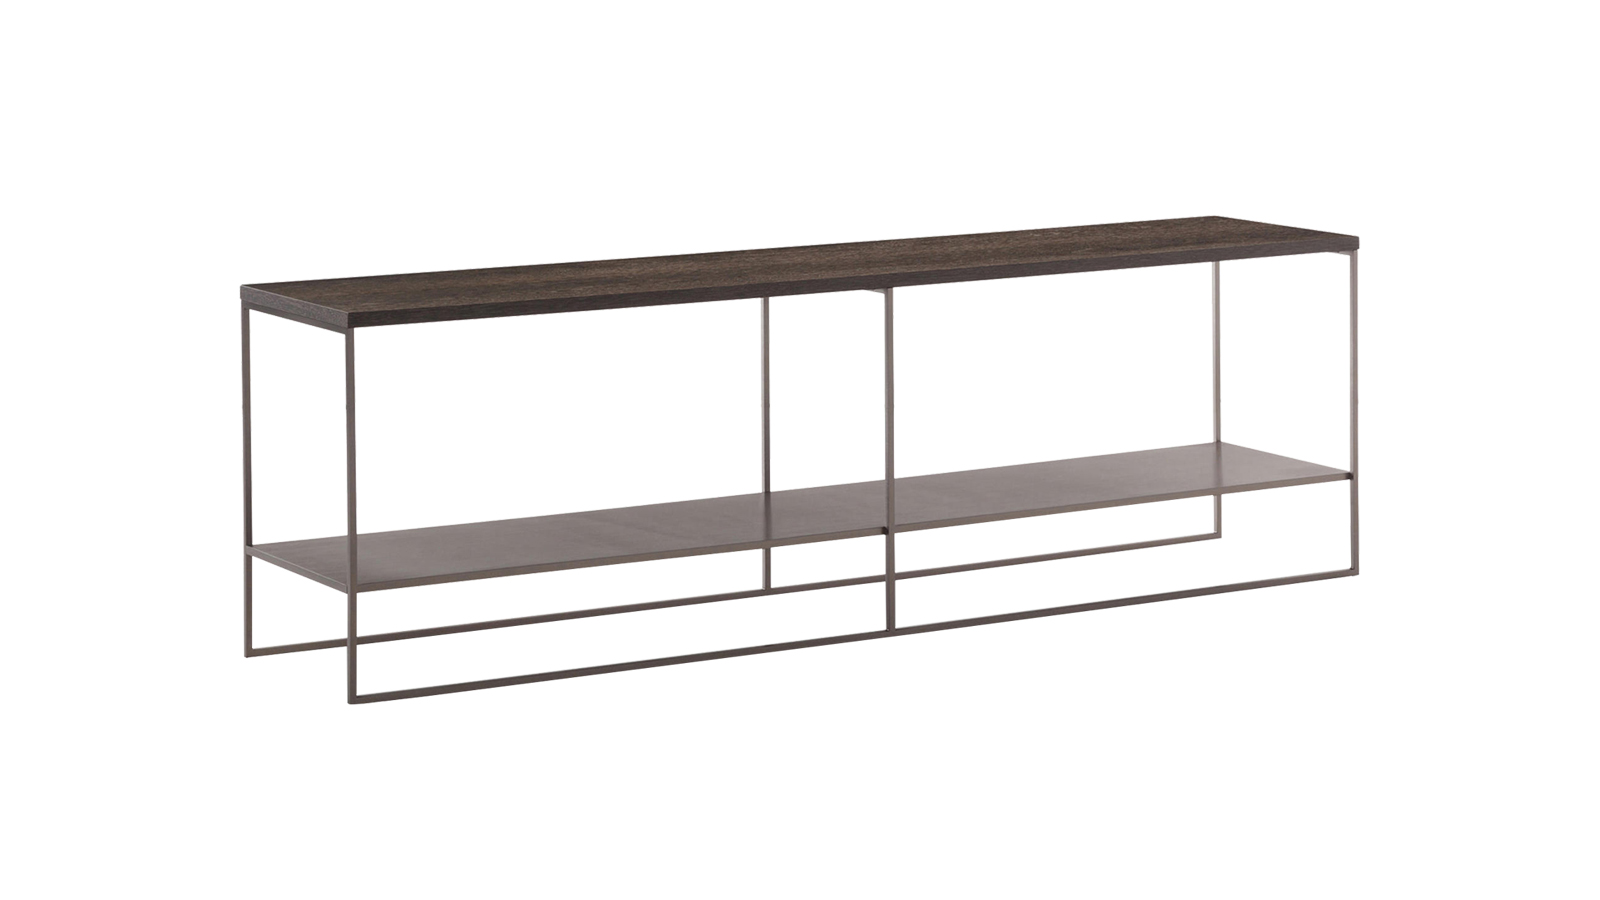 A Minotti tárolóbútorai közül a számos különböző méretű dohányzó- és konzolasztalból álló Calder rendszer az egyik legsokoldalúbb. A sorozathoz tartozó bútorok karcsú, fém lábakon állnak, melyek – akárcsak az asztallapok és polcok – többféle színben elérhetők, ennek köszönhetően az egyes darabok remekül testreszabhatók.